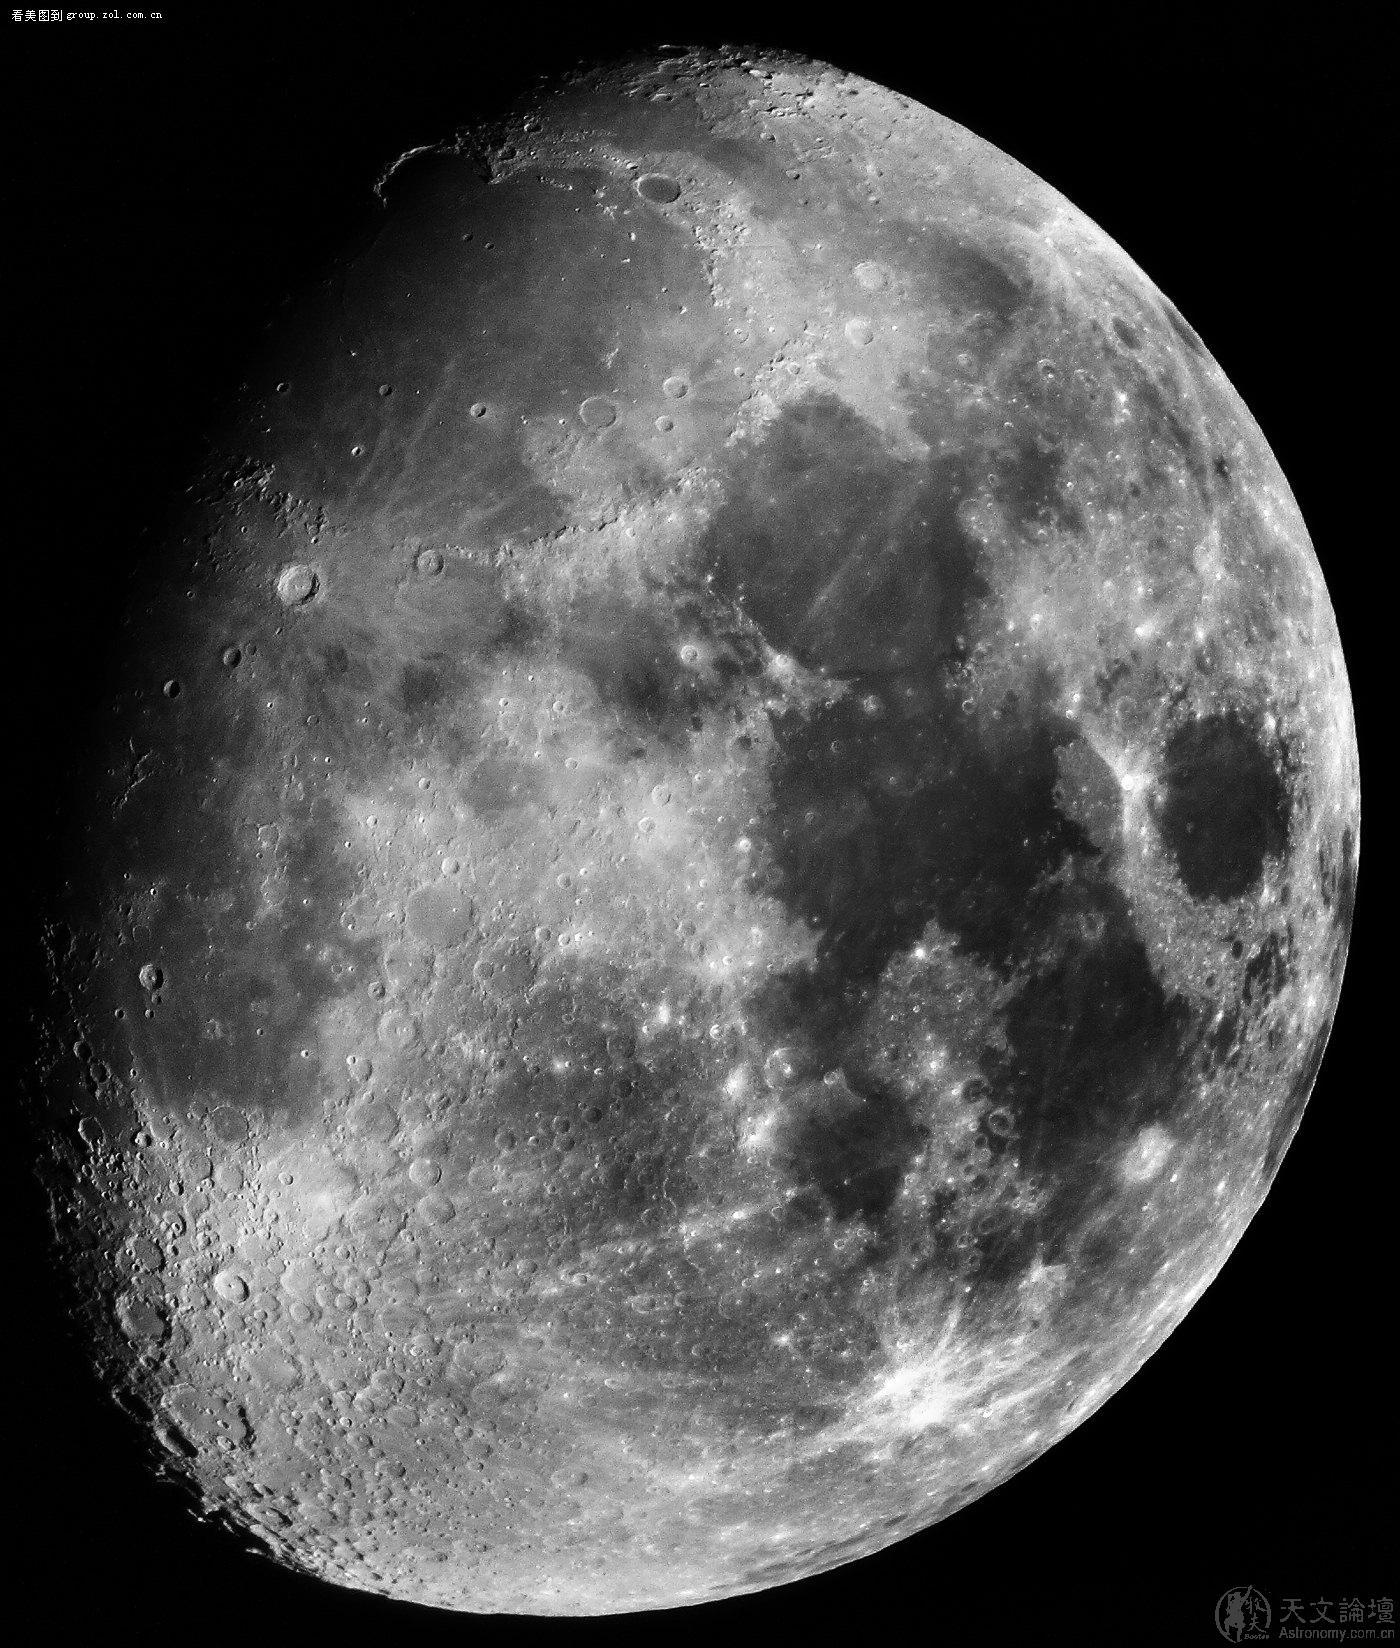 【重阳节夜晚的月亮】索尼